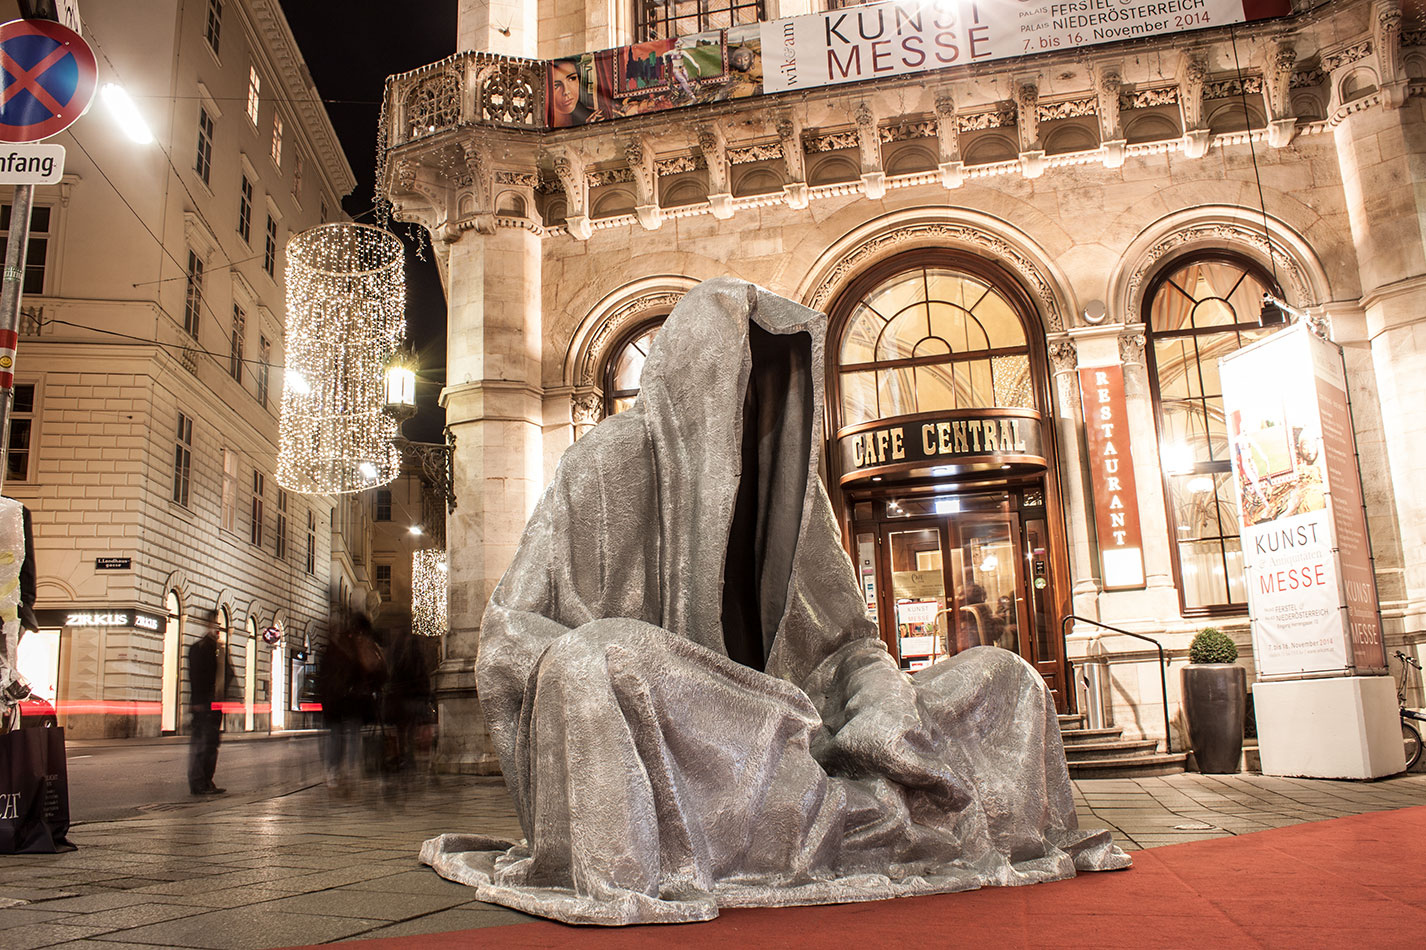 wikam-wiener-internationale-kunst-und-antiquitaetenmesse-art-and-antique-fair-vienna-guardians-of-time-manfred-kili-kielnhofer-contemporary-fine-art-design-4906